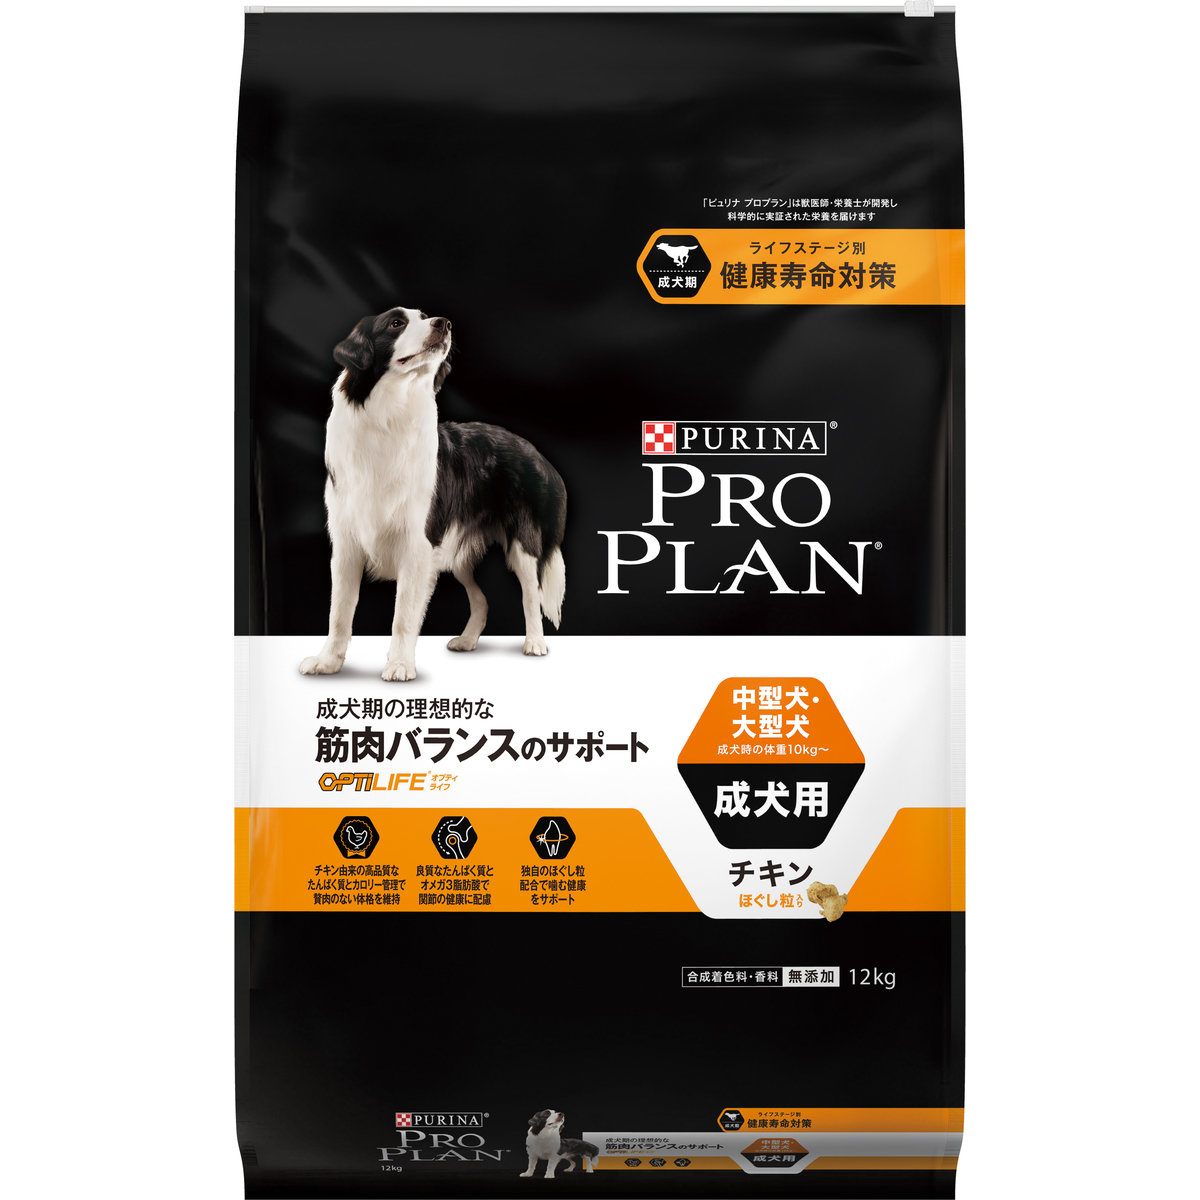 プロプラン(国内) 中・大型犬 筋肉バランスのサポート チキン 成犬用 12kg【送料無料】